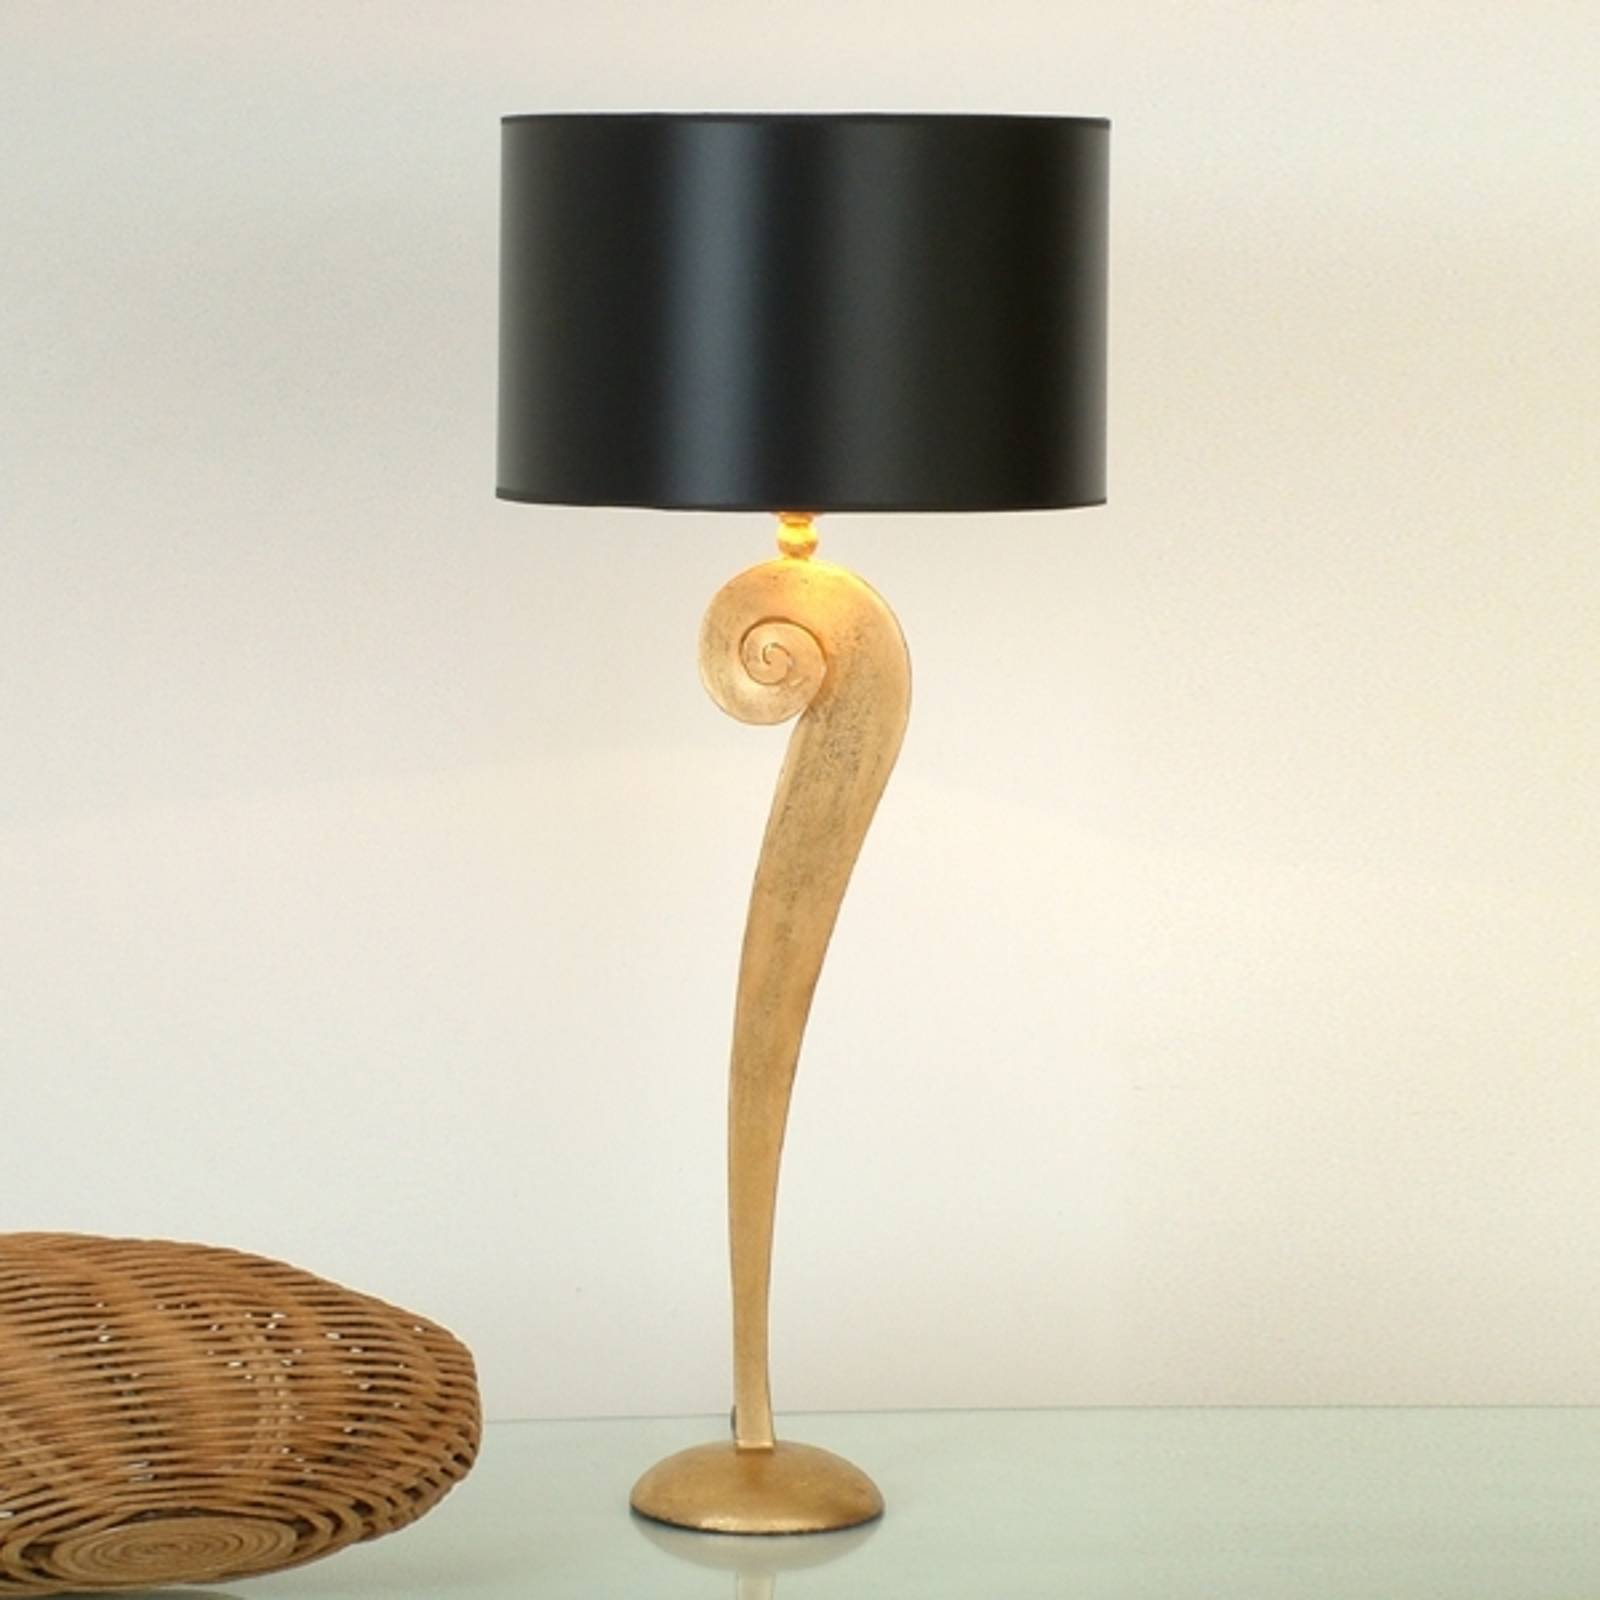 Eksklusiv bordlampe LORGOLIOSO i gull-sort